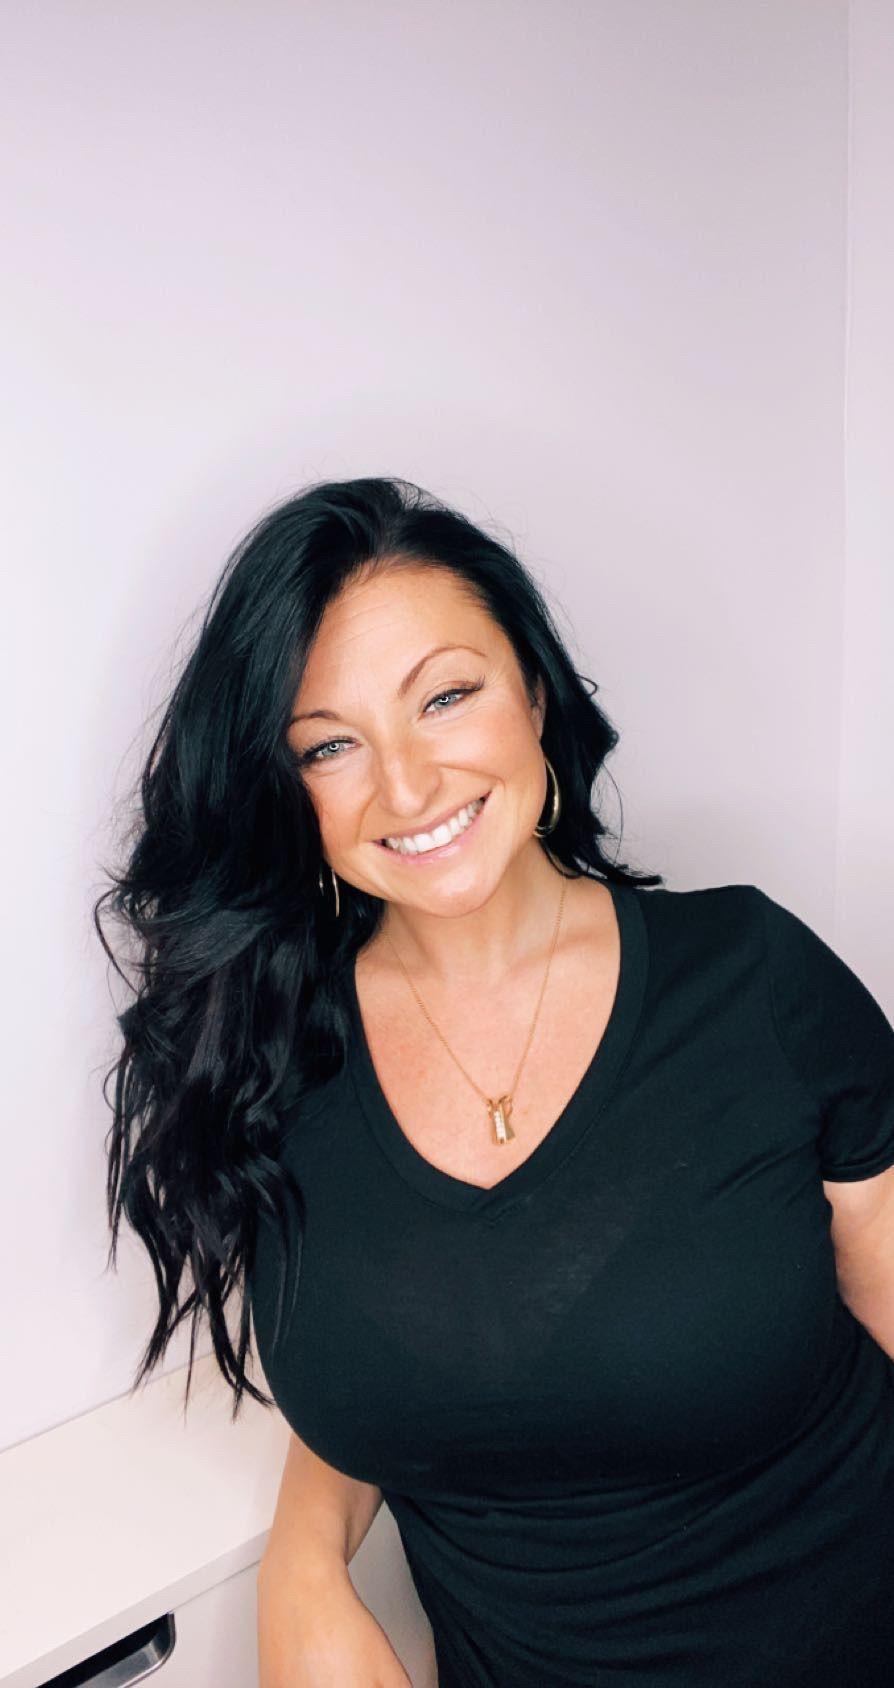 Kelsey Masnyk